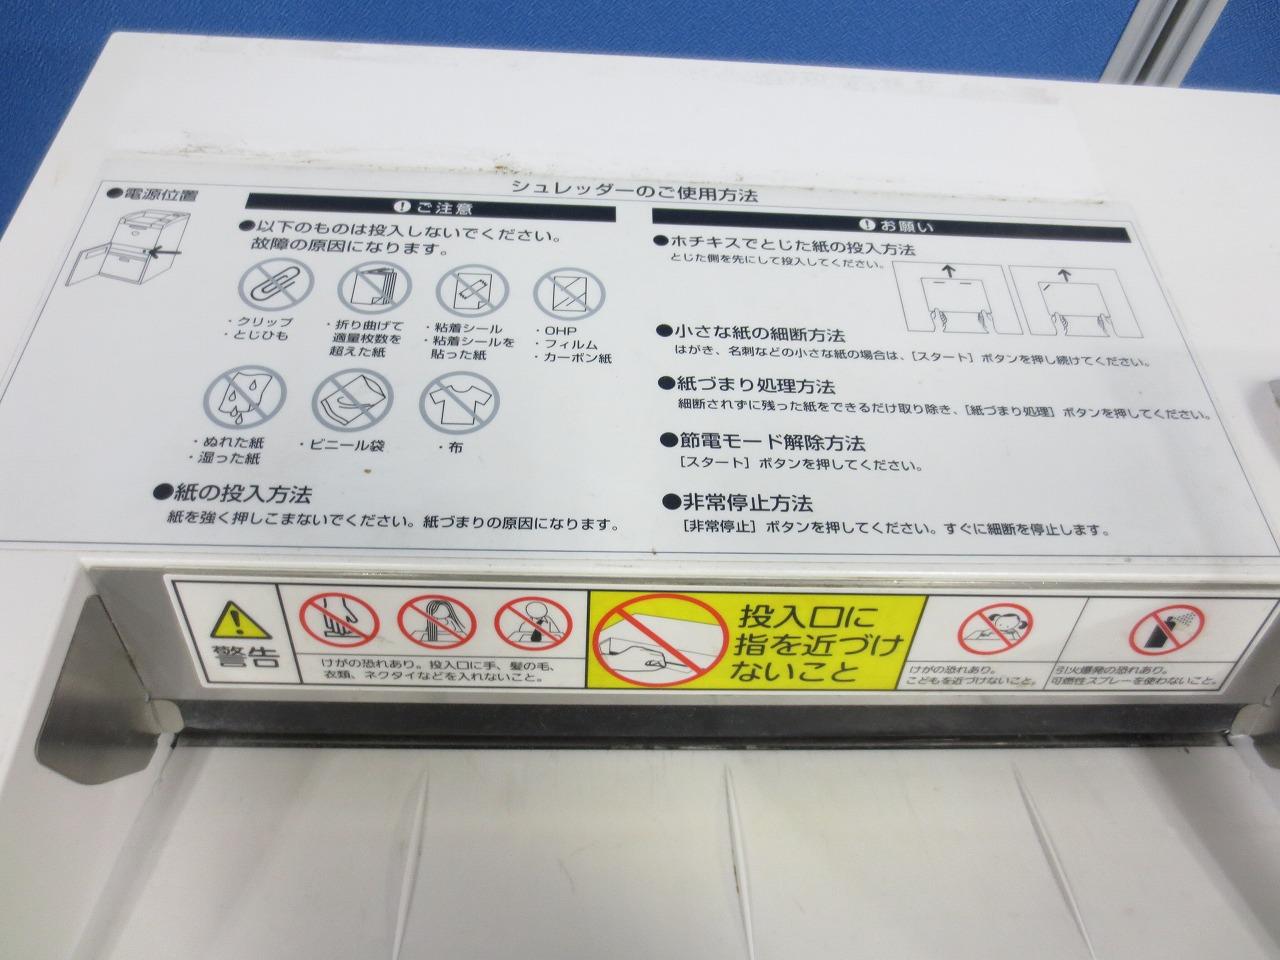 【3台同時入荷!!】あのゼロックス製の高性能シュレッダー!!なんと新品定価の83%オフ!!|Trust-Eco 1500(中古)